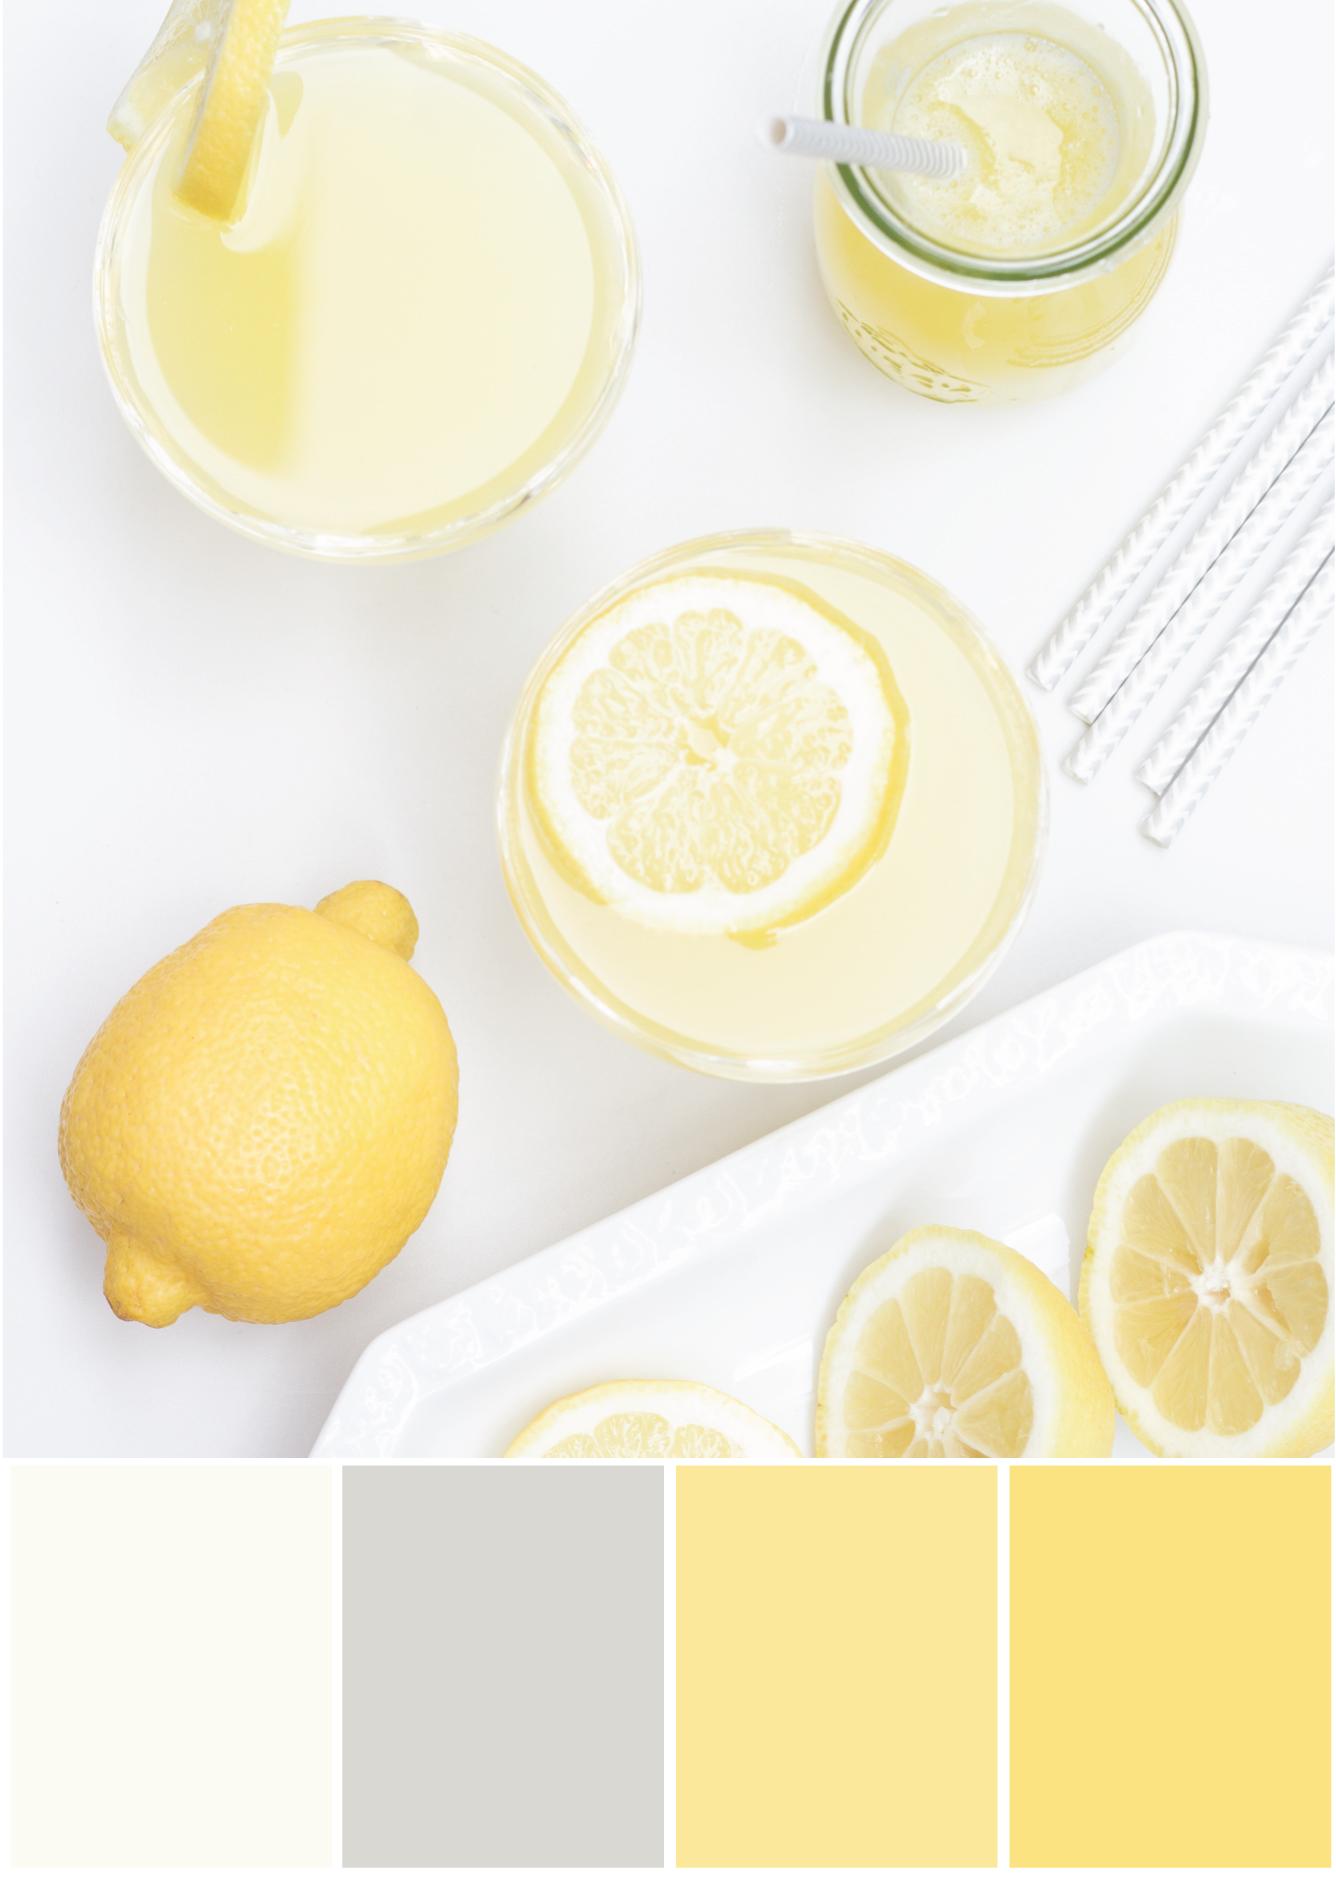 Farbkombinationen mit Weiß, Gelb und Grau - Tweed & Greet